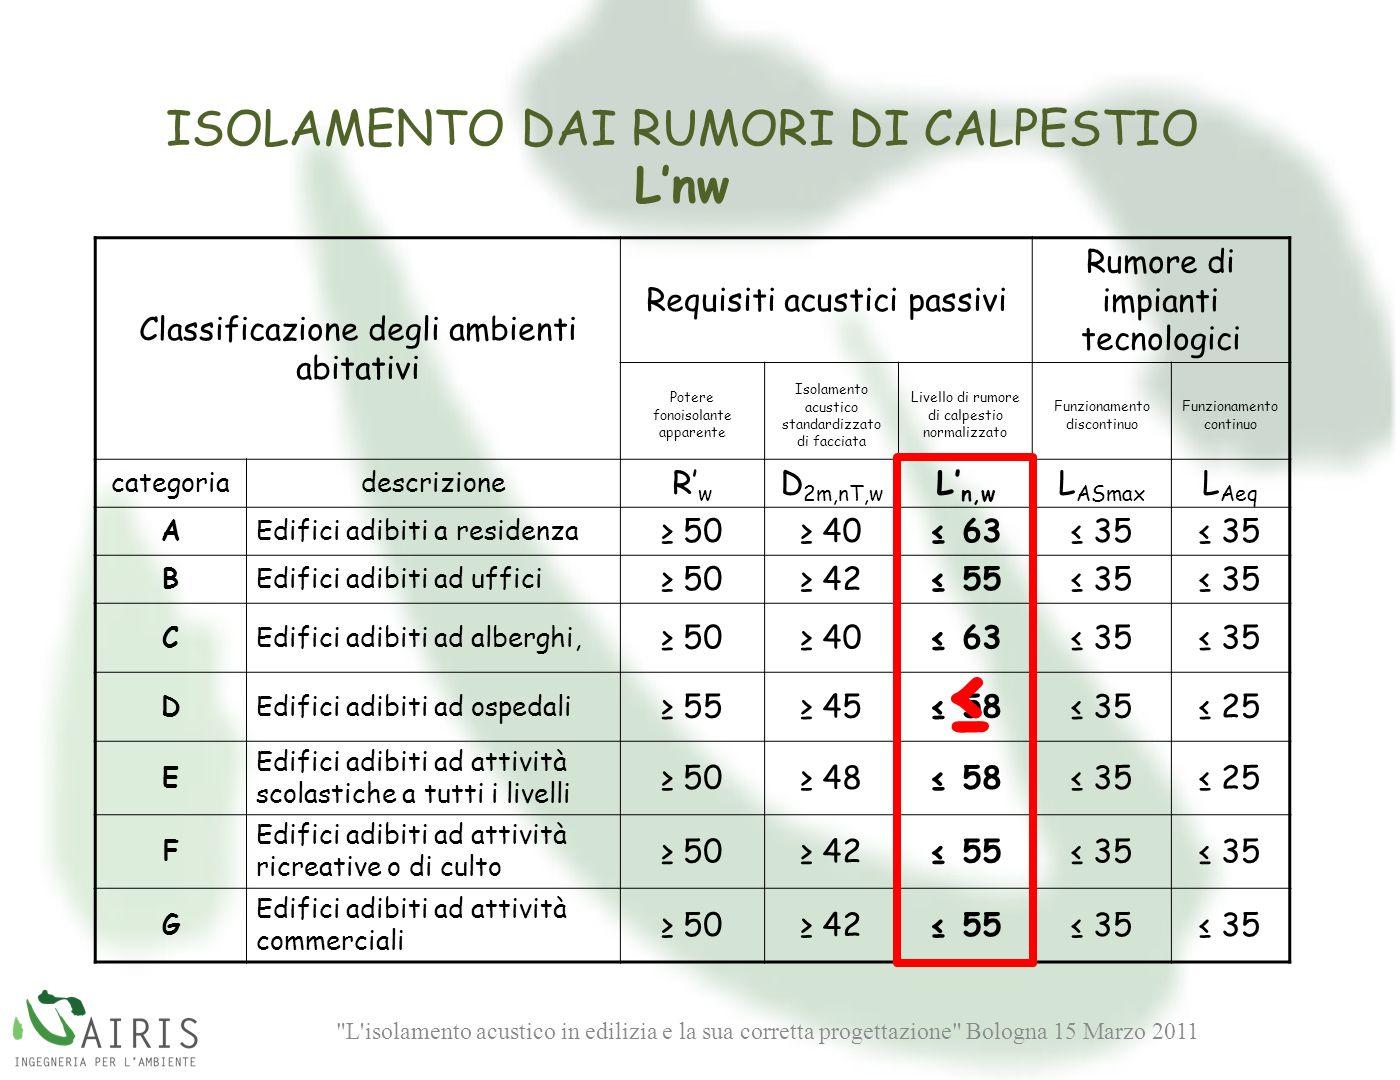 ≤ ISOLAMENTO DAI RUMORI DI CALPESTIO L'nw